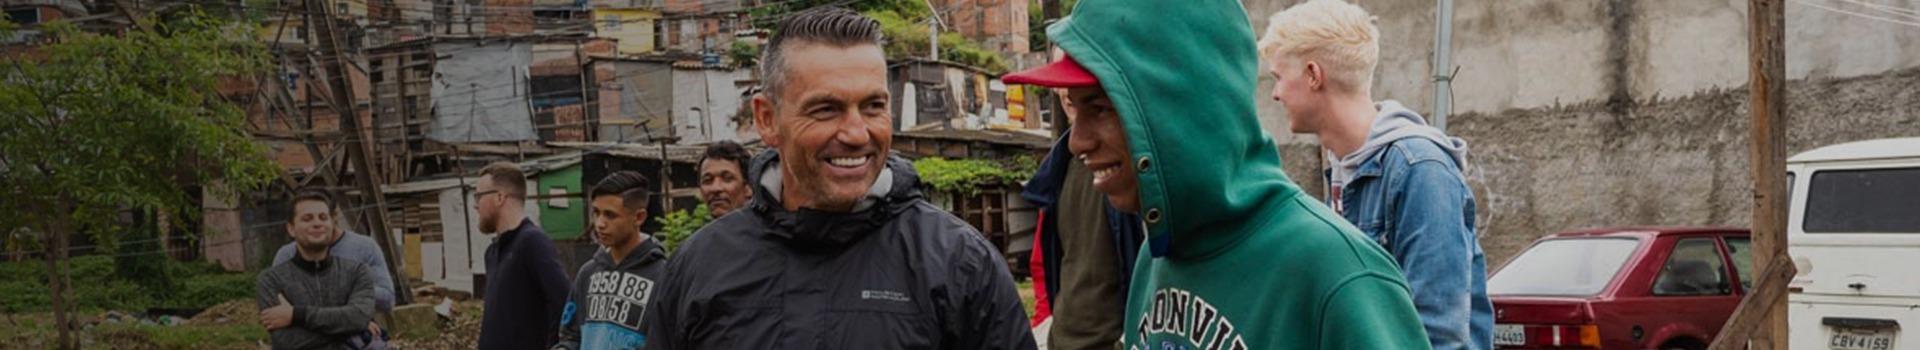 Evangelisatie campagnes over heel de wereld